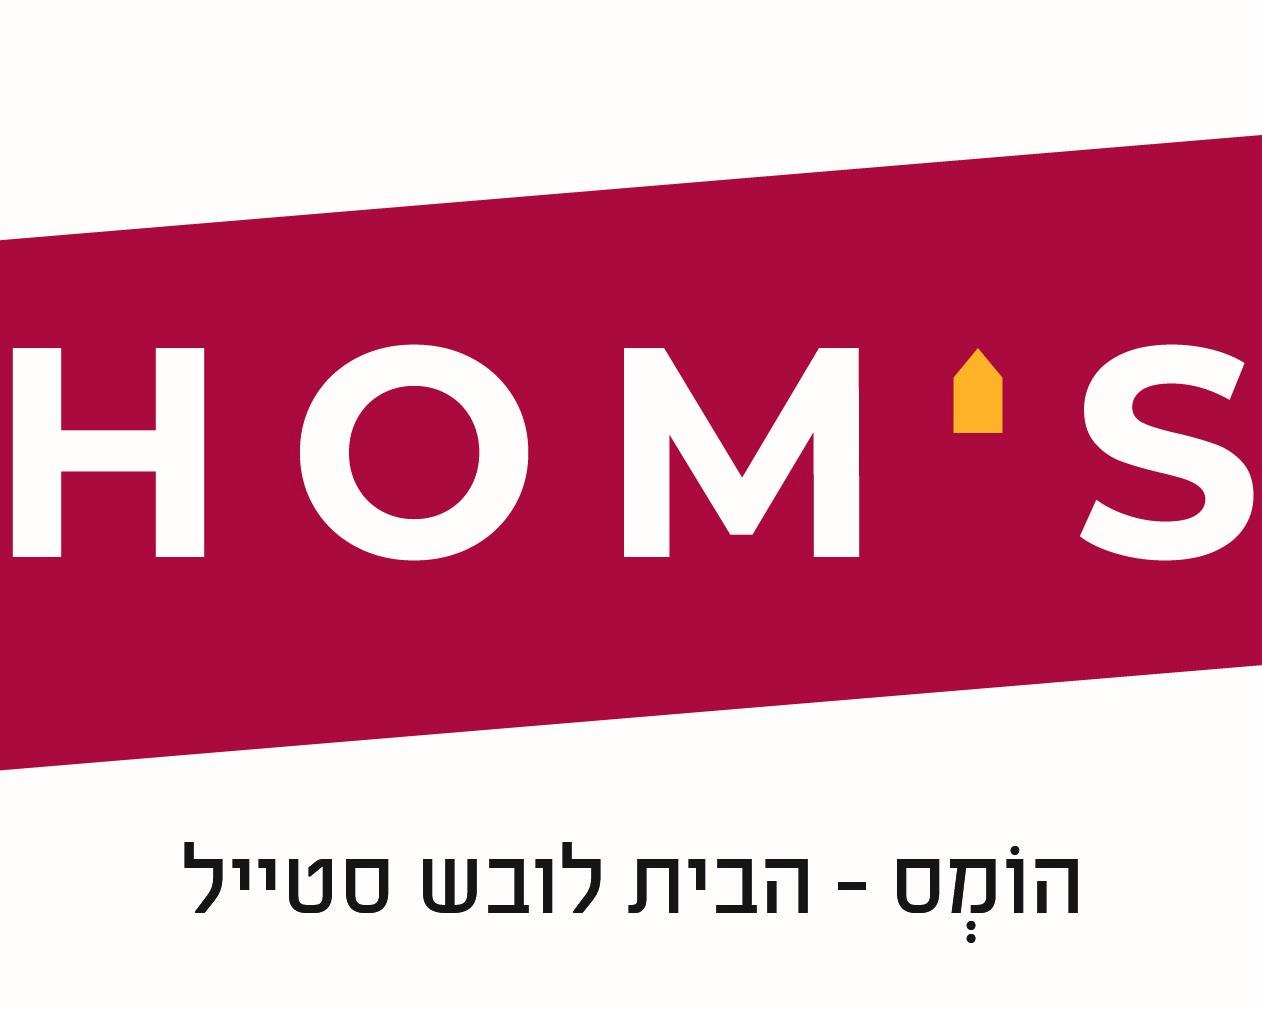 כל מה שבית צריך: נפתח סניף הדגל של רשת עיצוב הבית HOM'S . סקירה דוסיז צרכנות